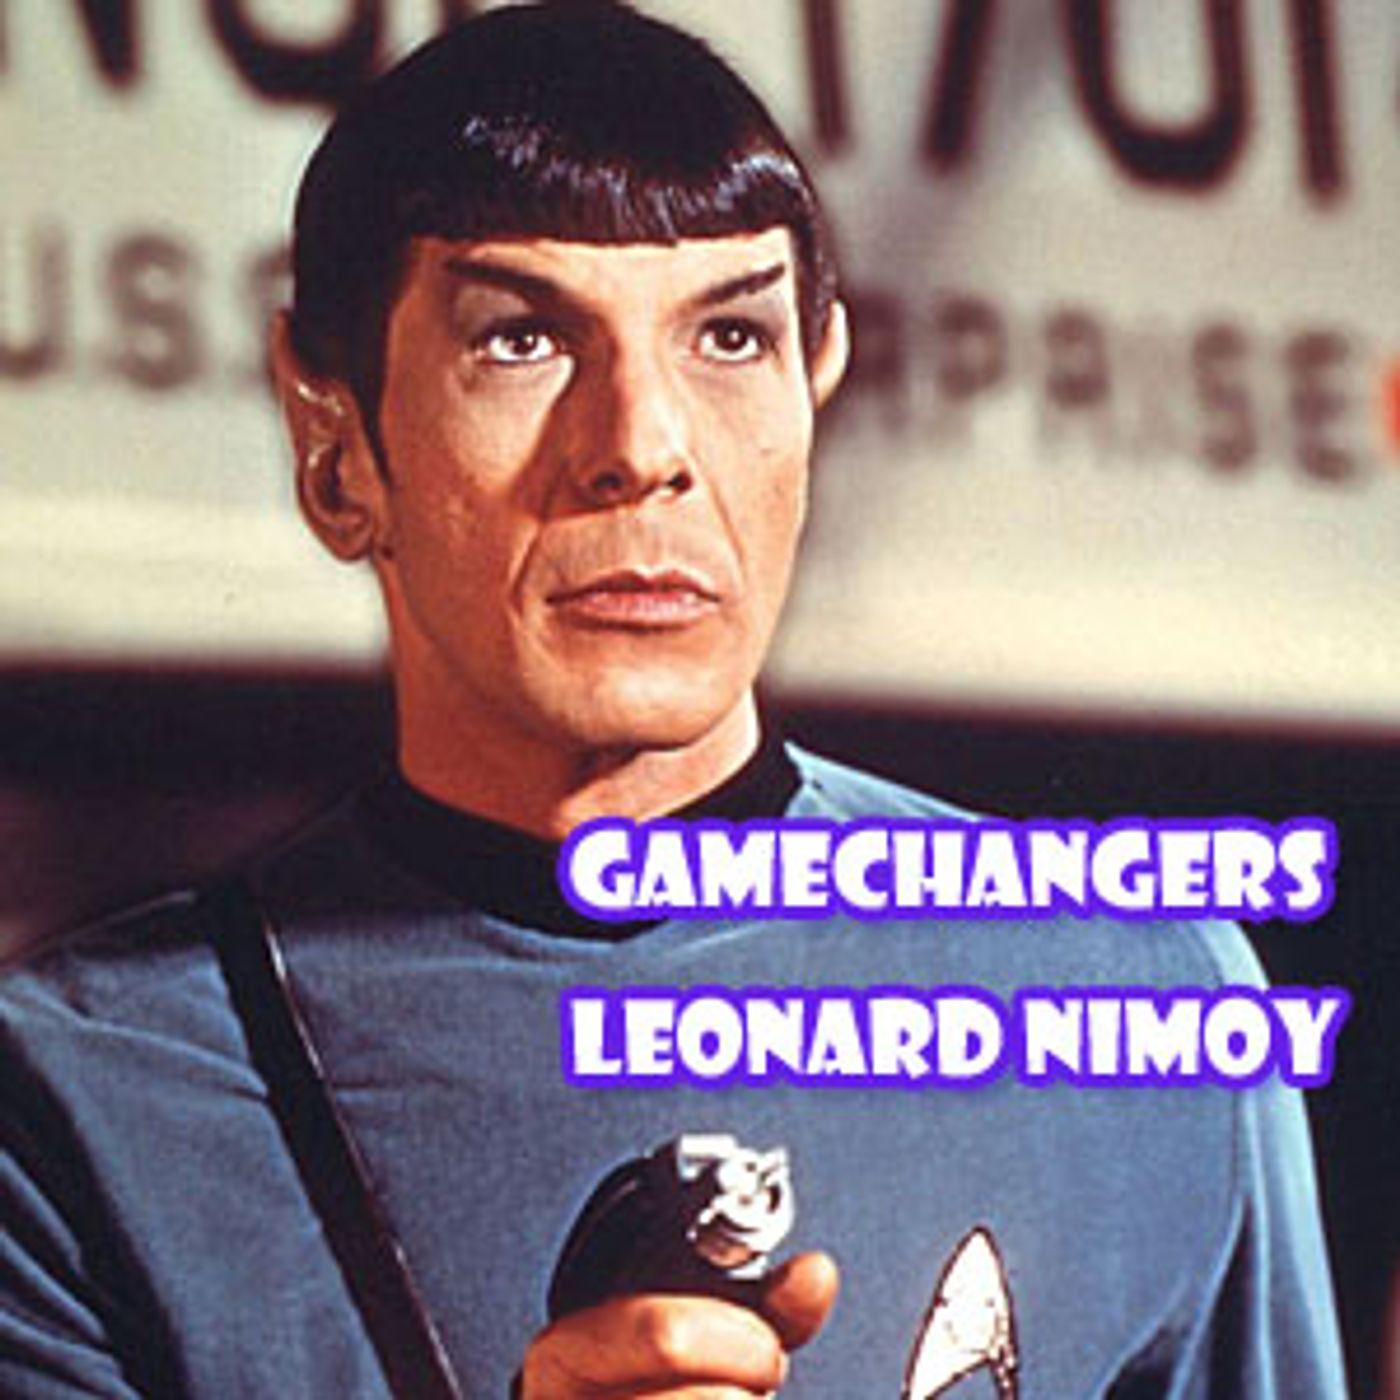 Game Changers Episode 2 Leonard Nimoy